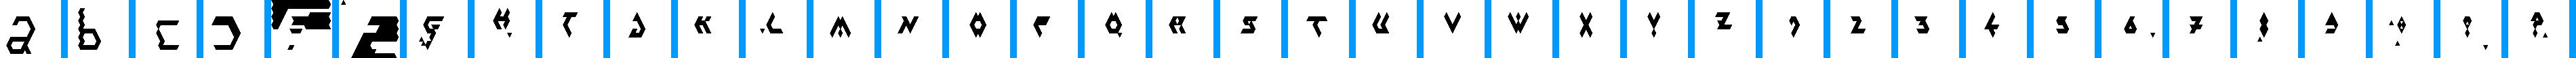 Particip-a-type v.143